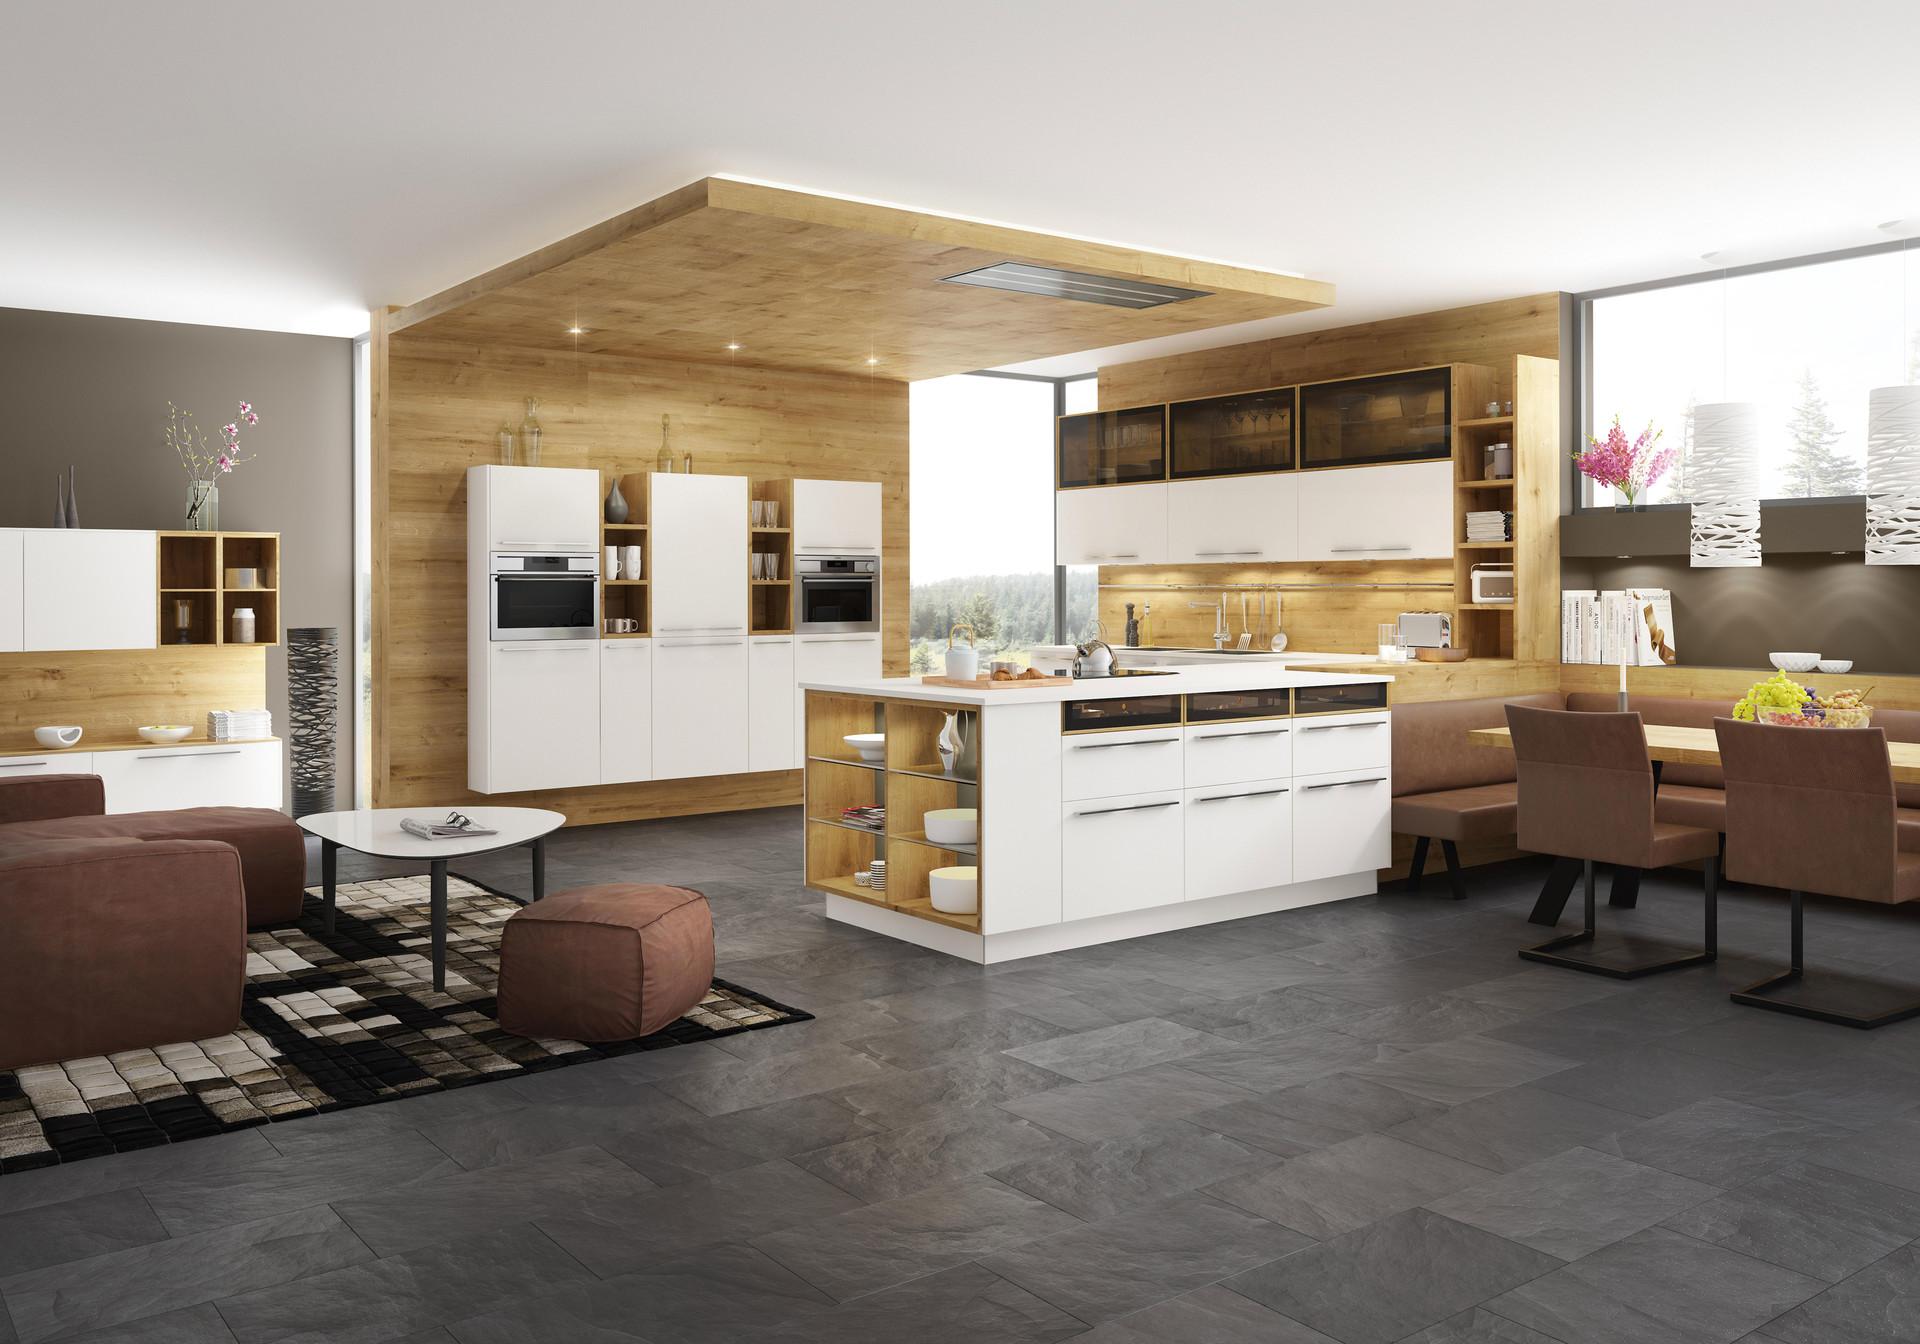 Küchendesign  Küchendesign nahe Wels: Wir designen Ihre Wunschküchen!